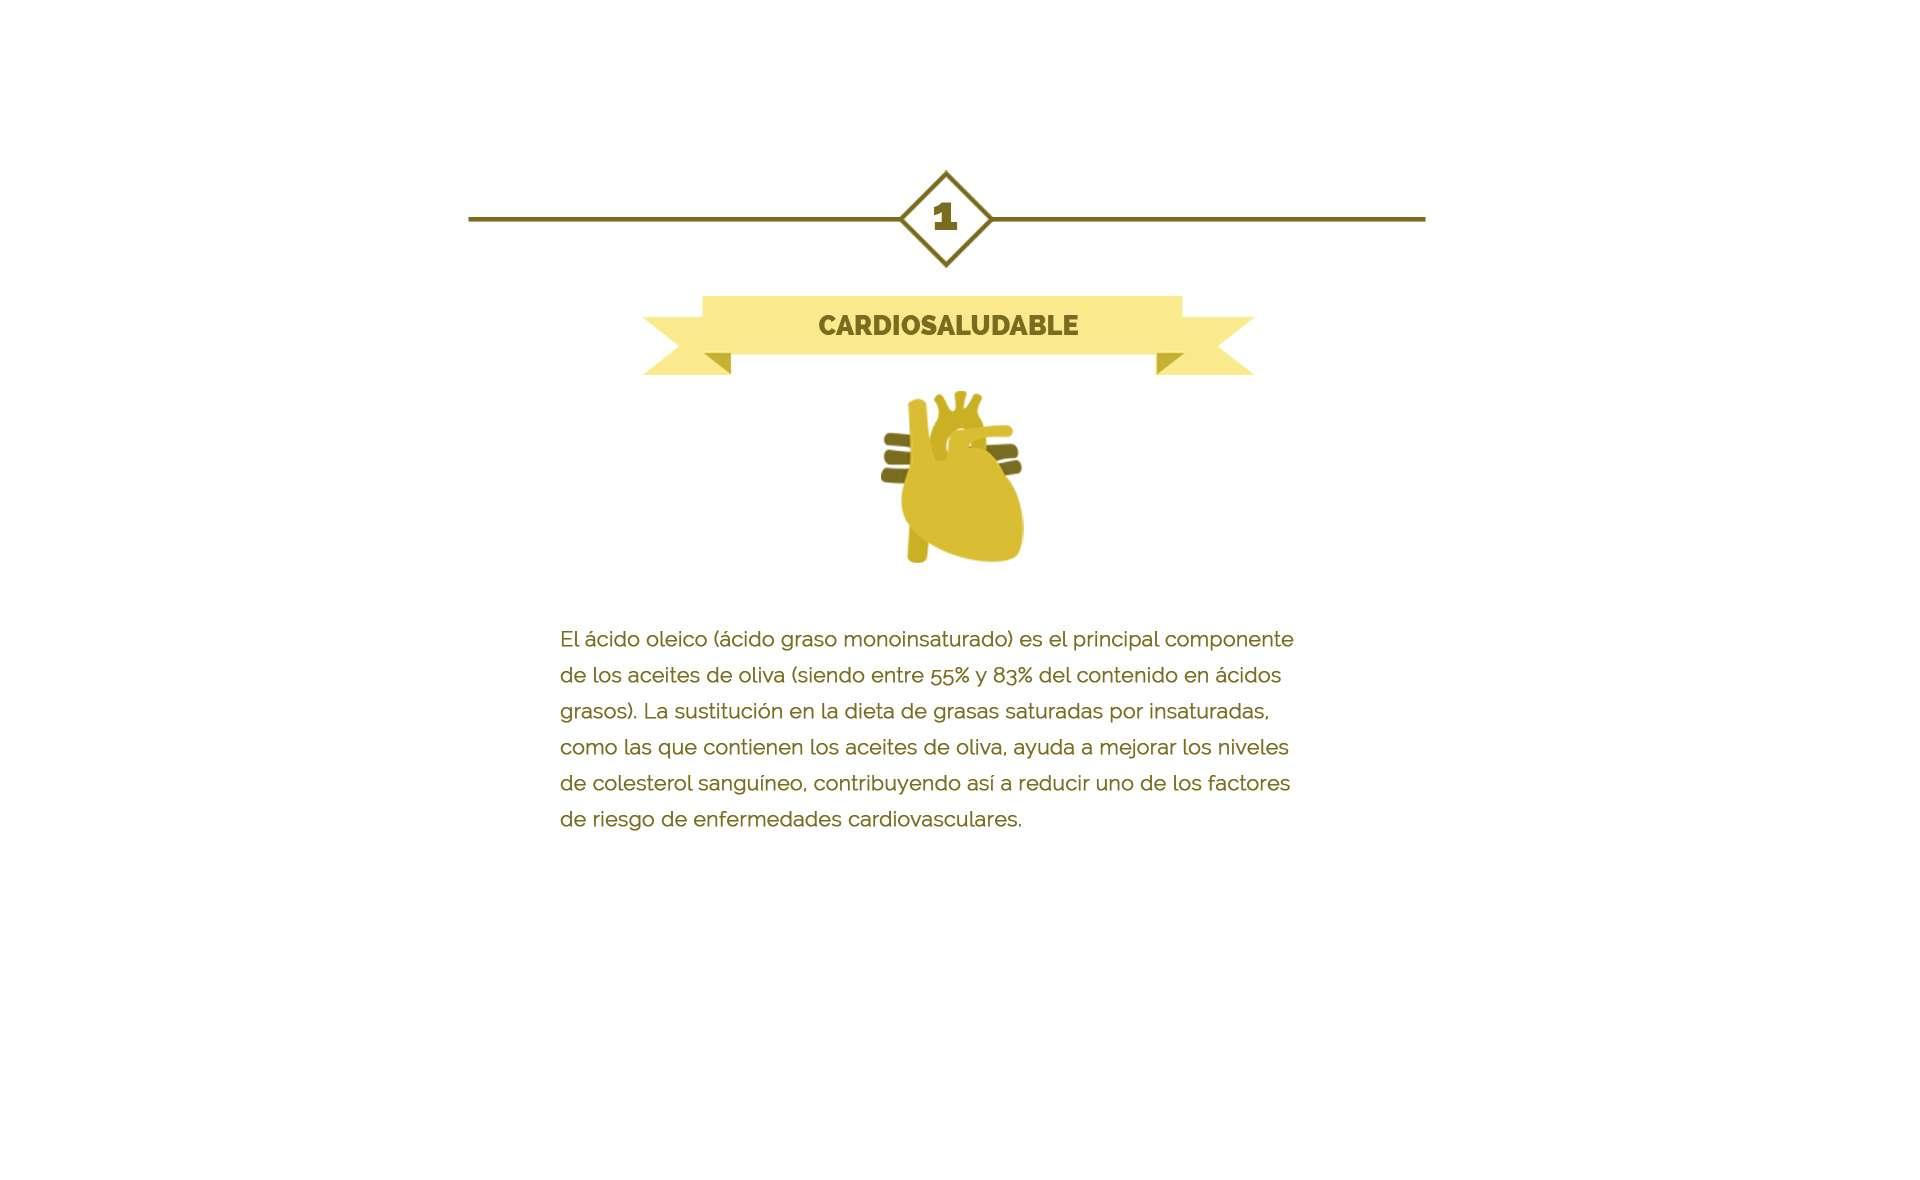 ácido oléico componente del aceite de oliva